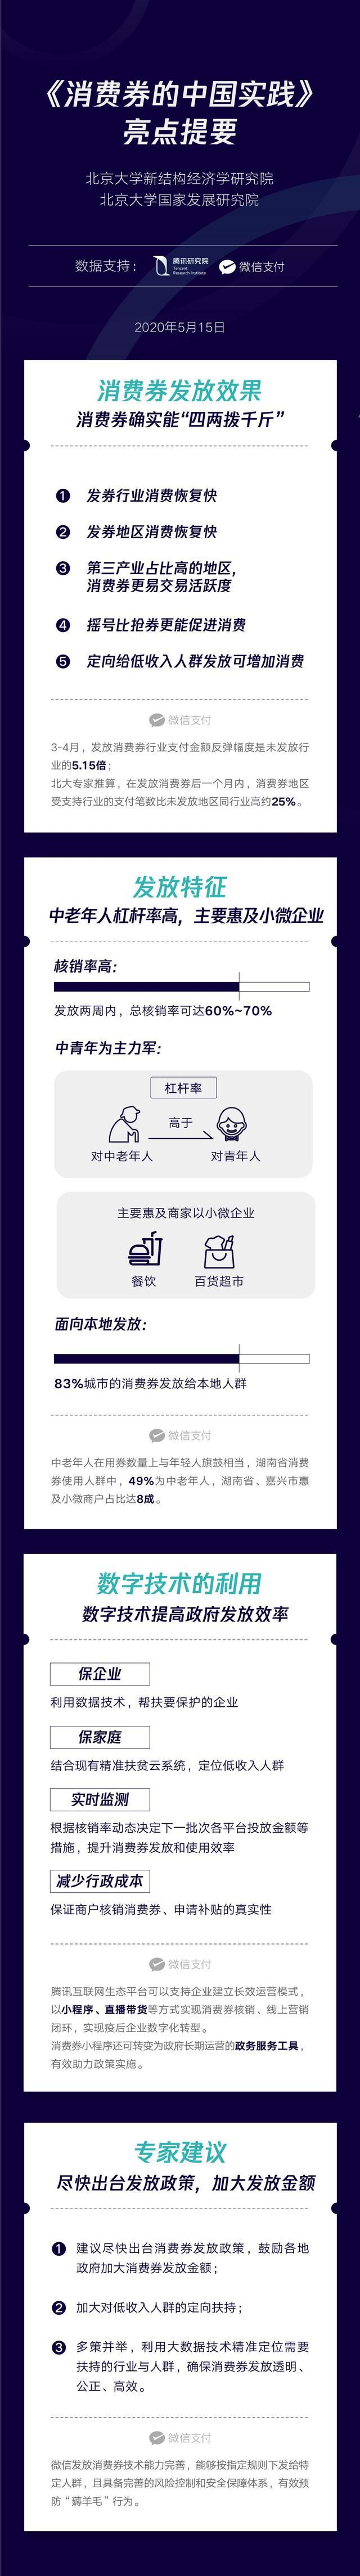 北大国发院发布《消费券的中国实践》:数字技术可提高消费券发放效率